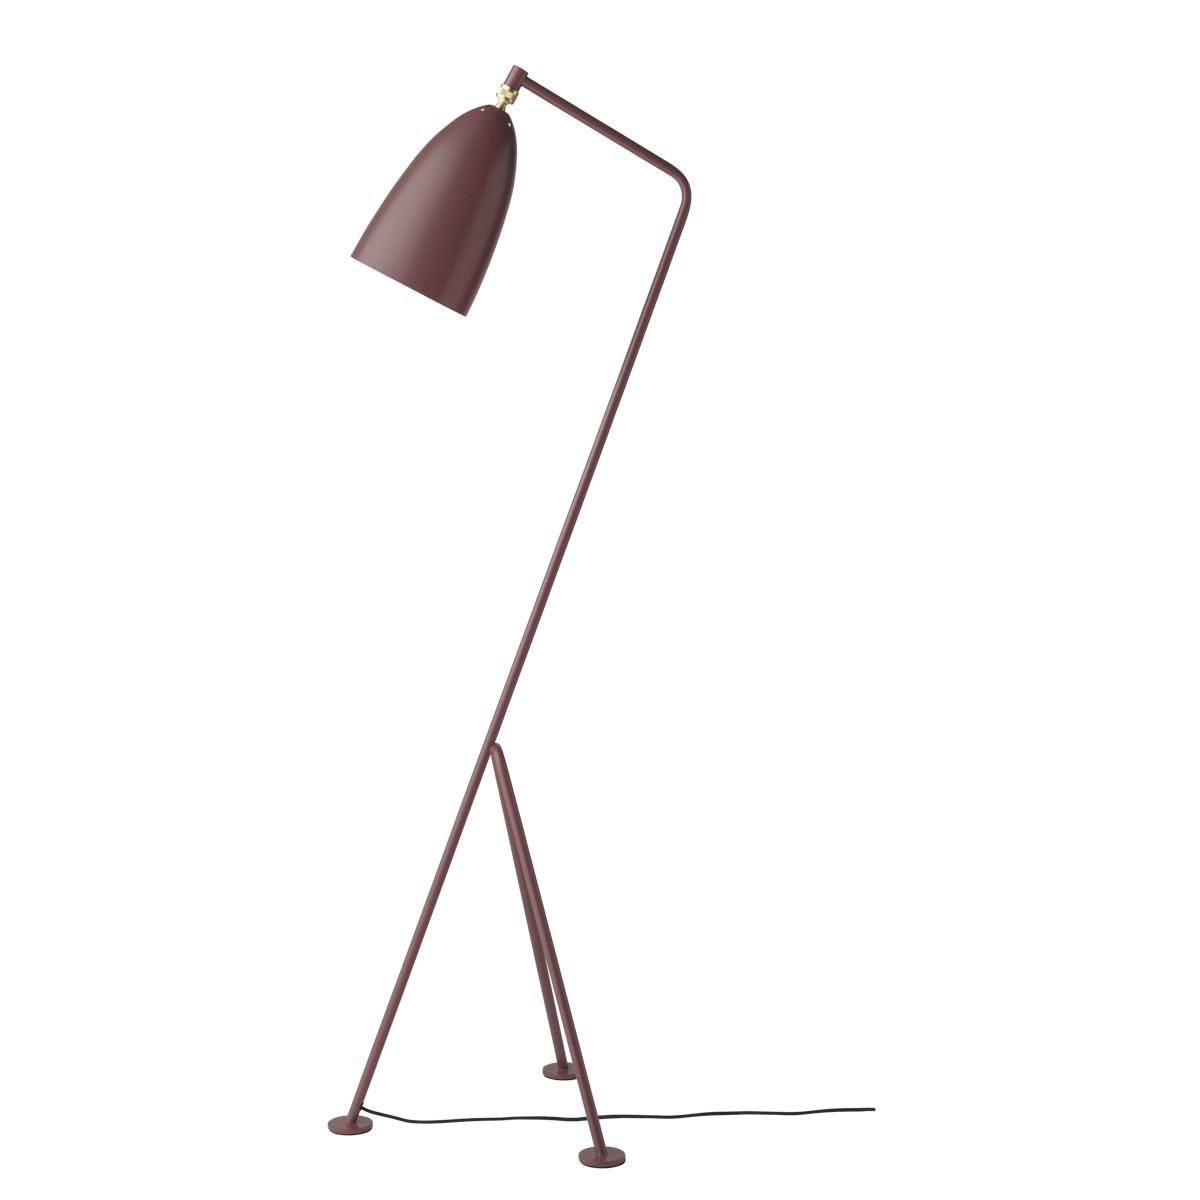 Gubi Grasshoppa Floor Lamp